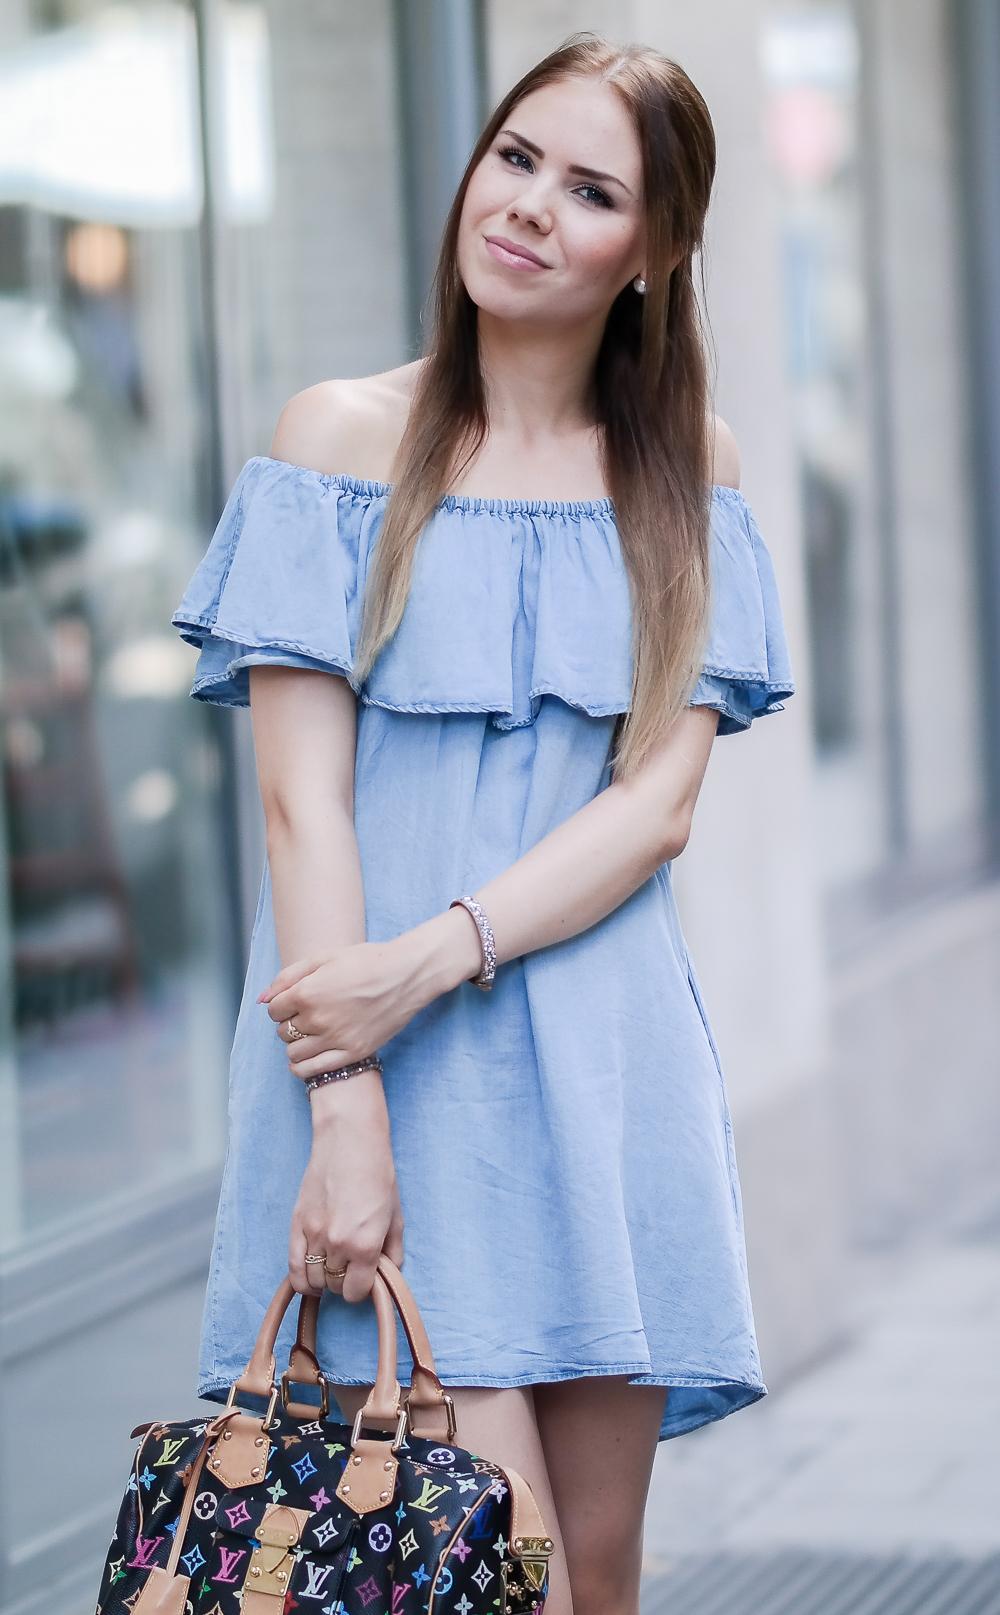 Ausgezeichnet Cocktailkleider Zara Fotos - Brautkleider Ideen ...